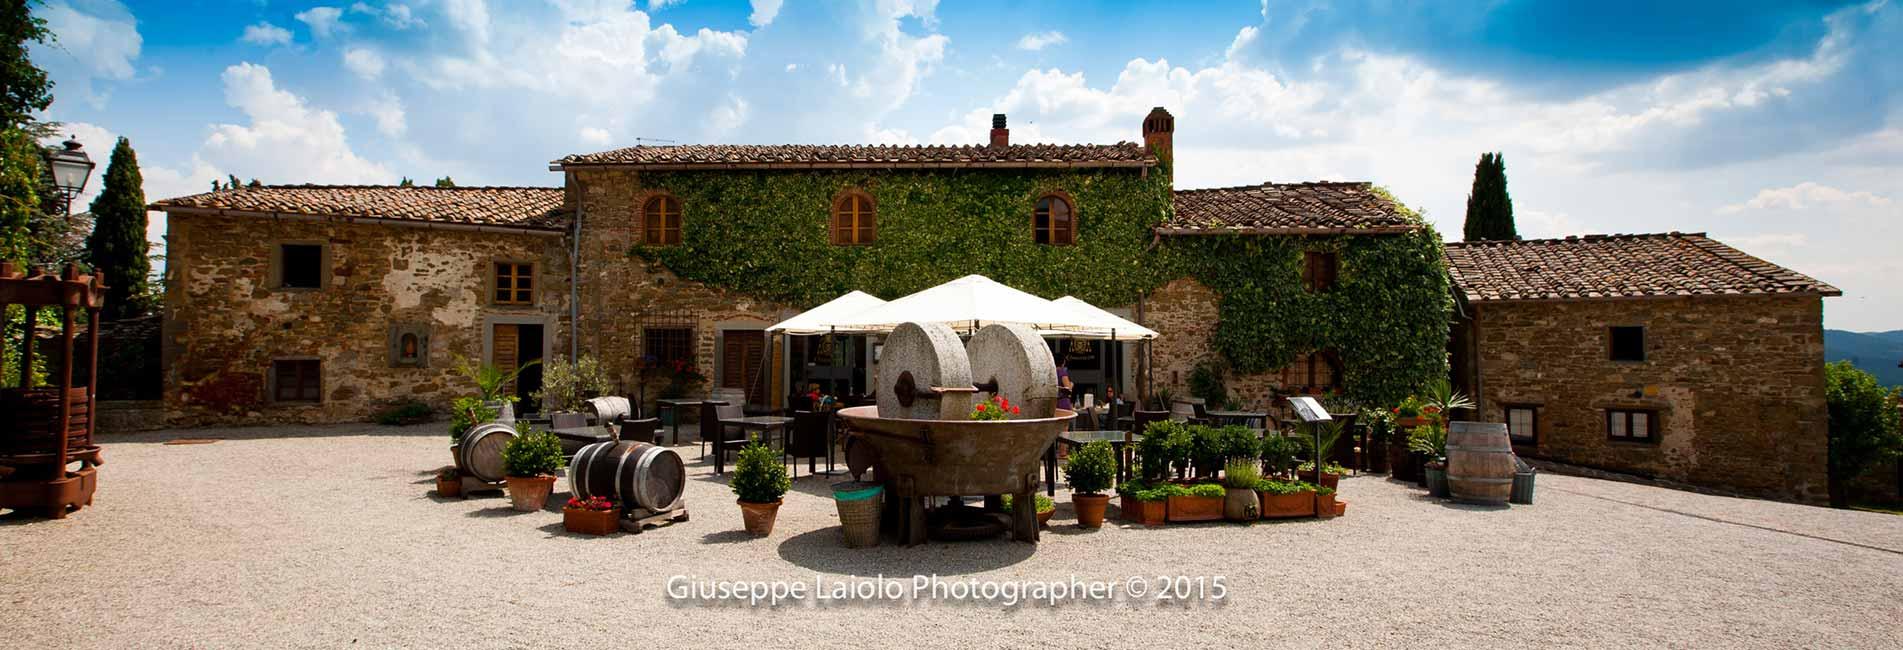 slider_piazza_e_ristorante_foto-90